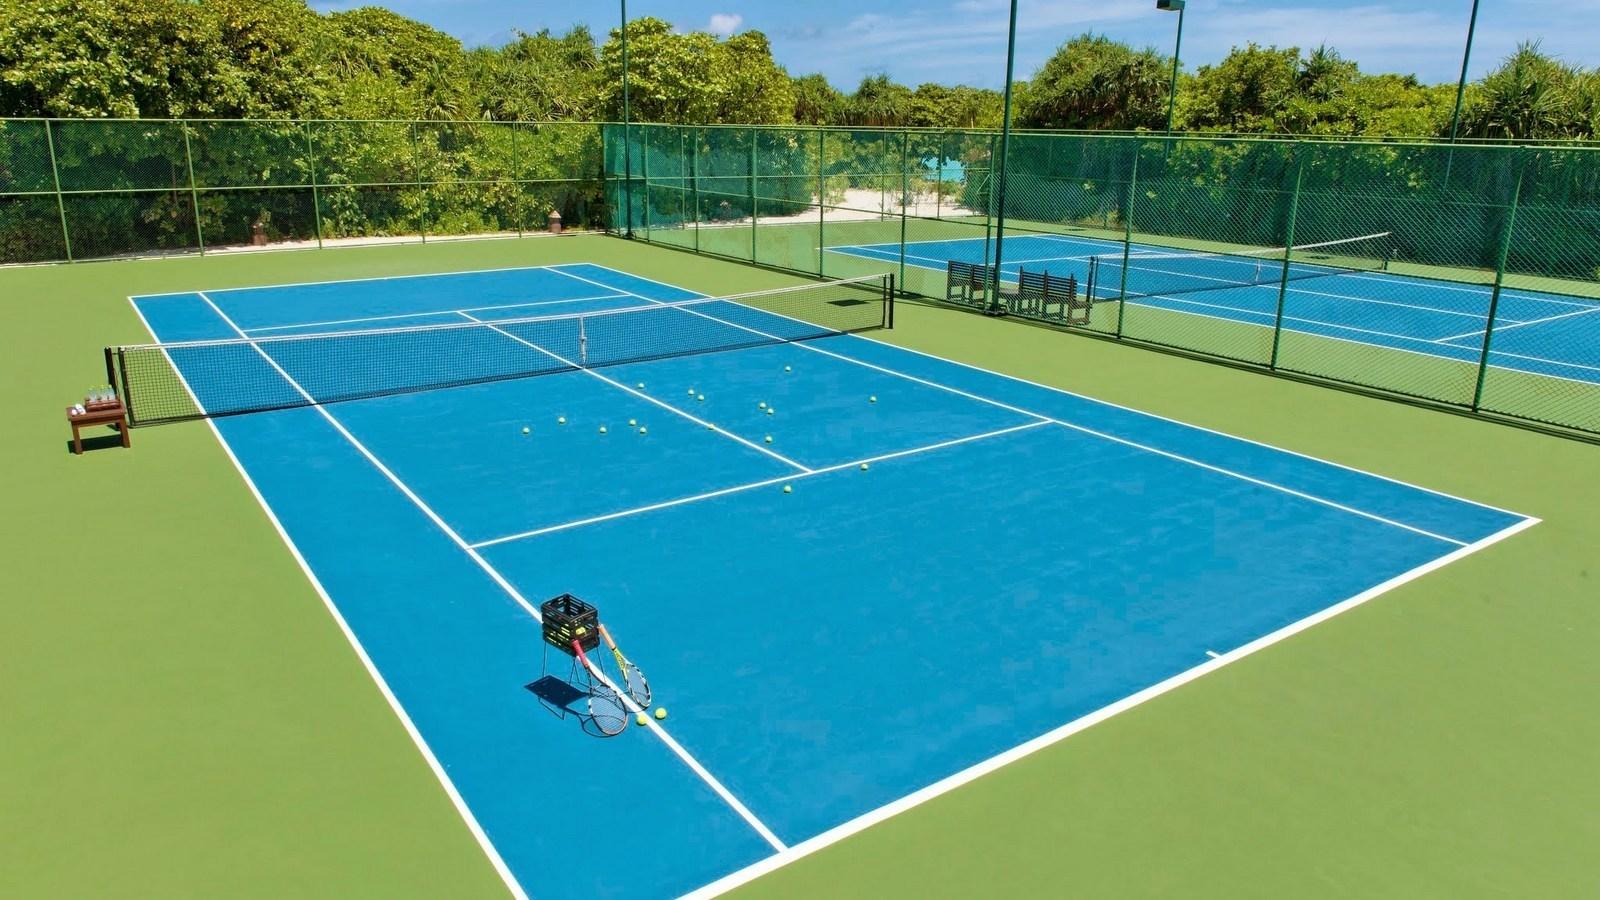 Мальдивы, отель Hideaway Beach Resort & Spa, теннисный корт